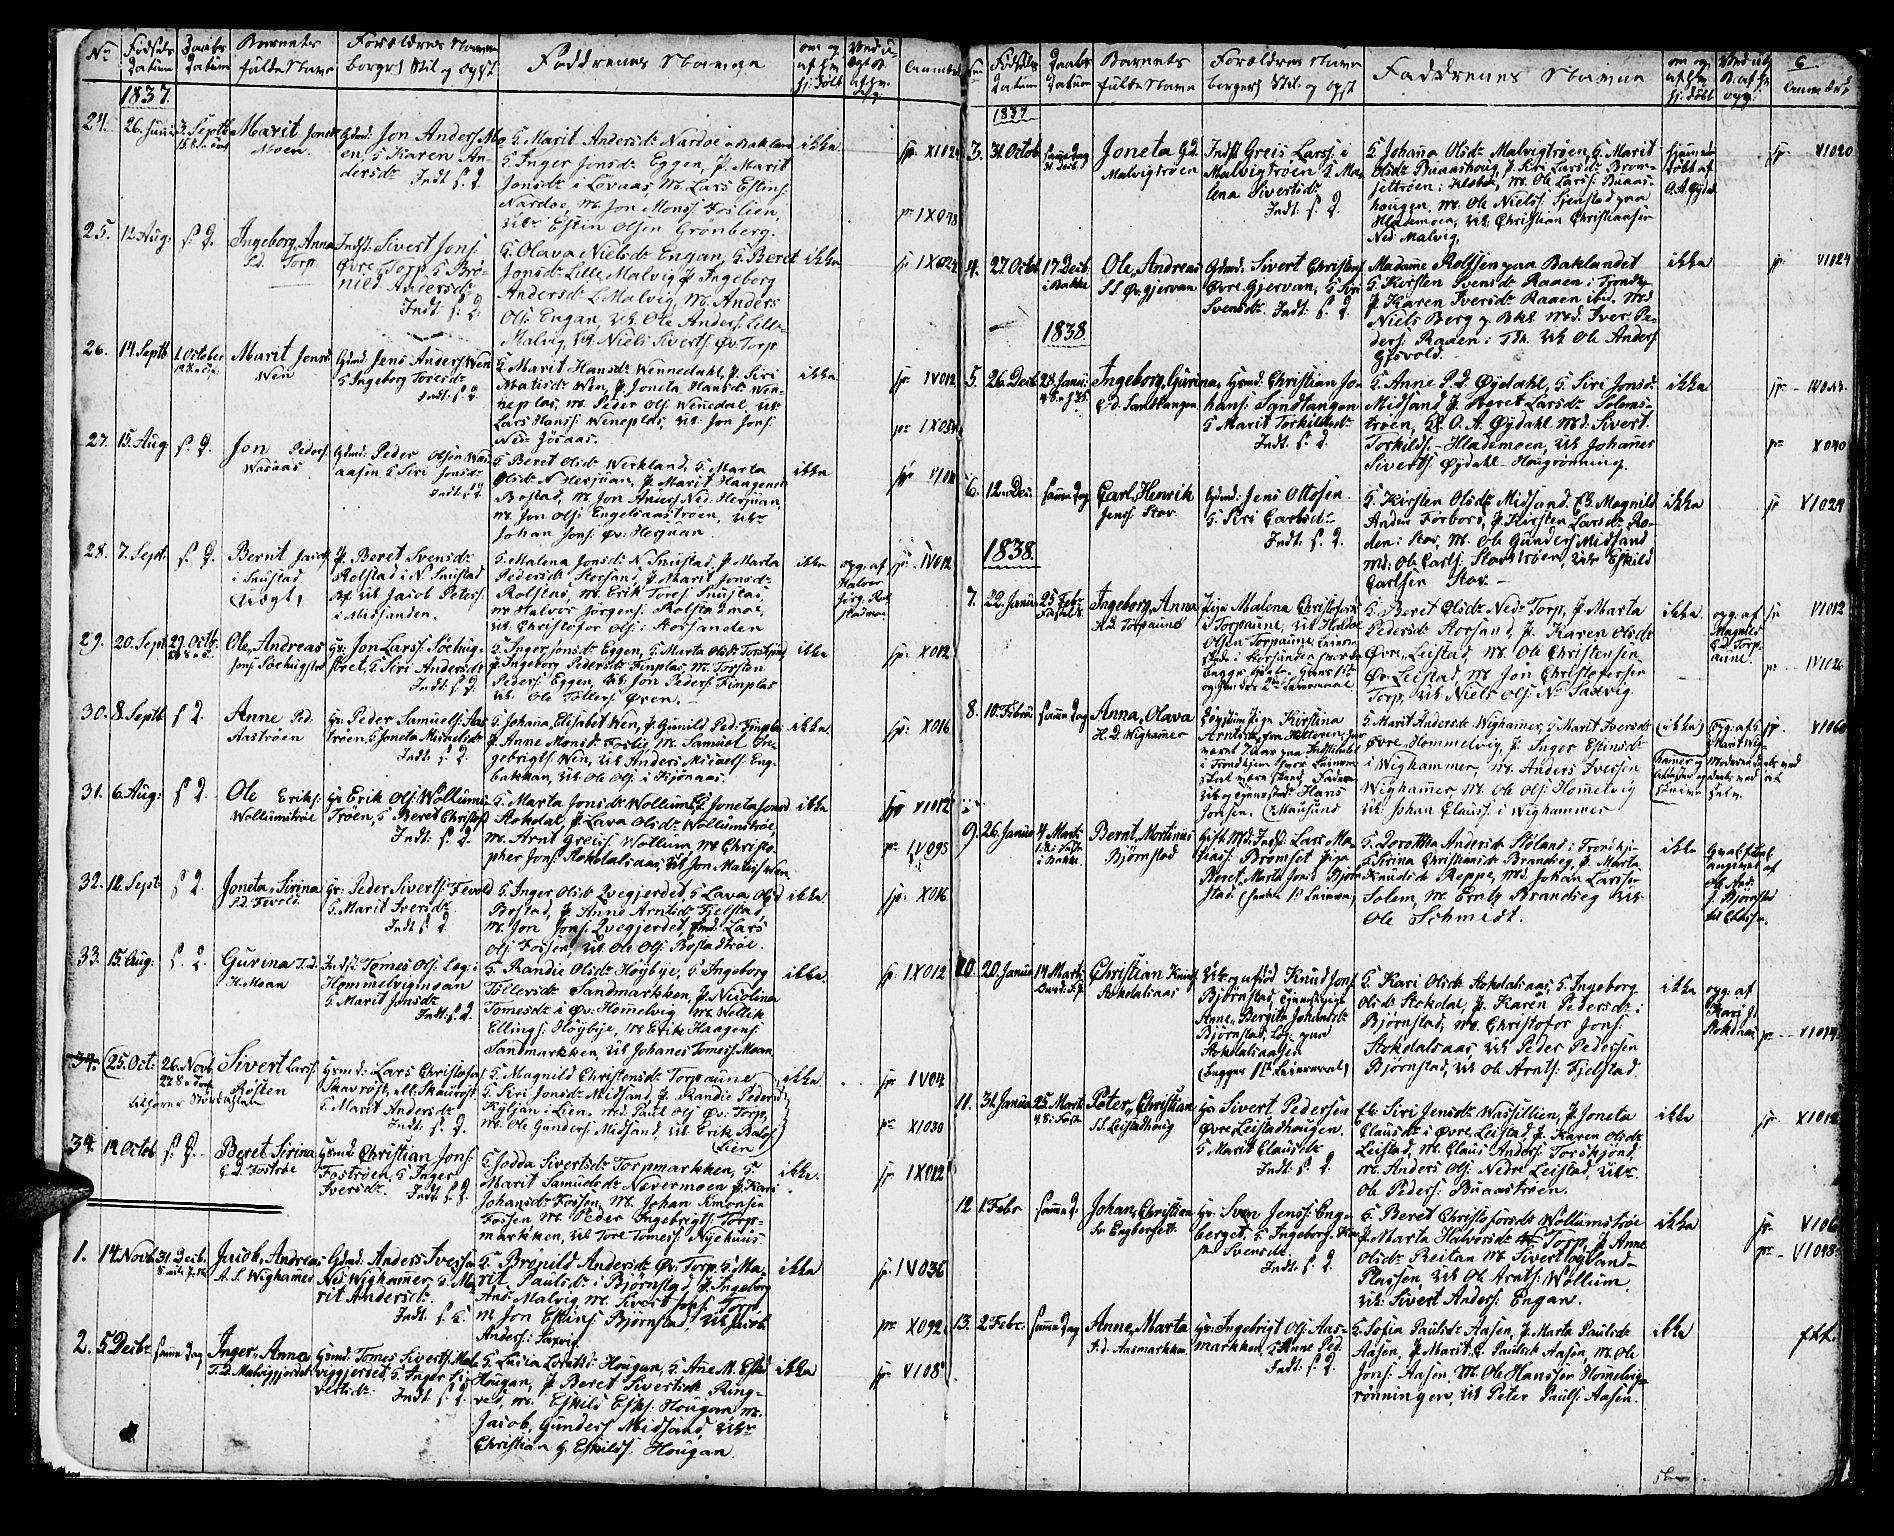 SAT, Ministerialprotokoller, klokkerbøker og fødselsregistre - Sør-Trøndelag, 616/L0421: Klokkerbok nr. 616C04, 1834-1850, s. 6